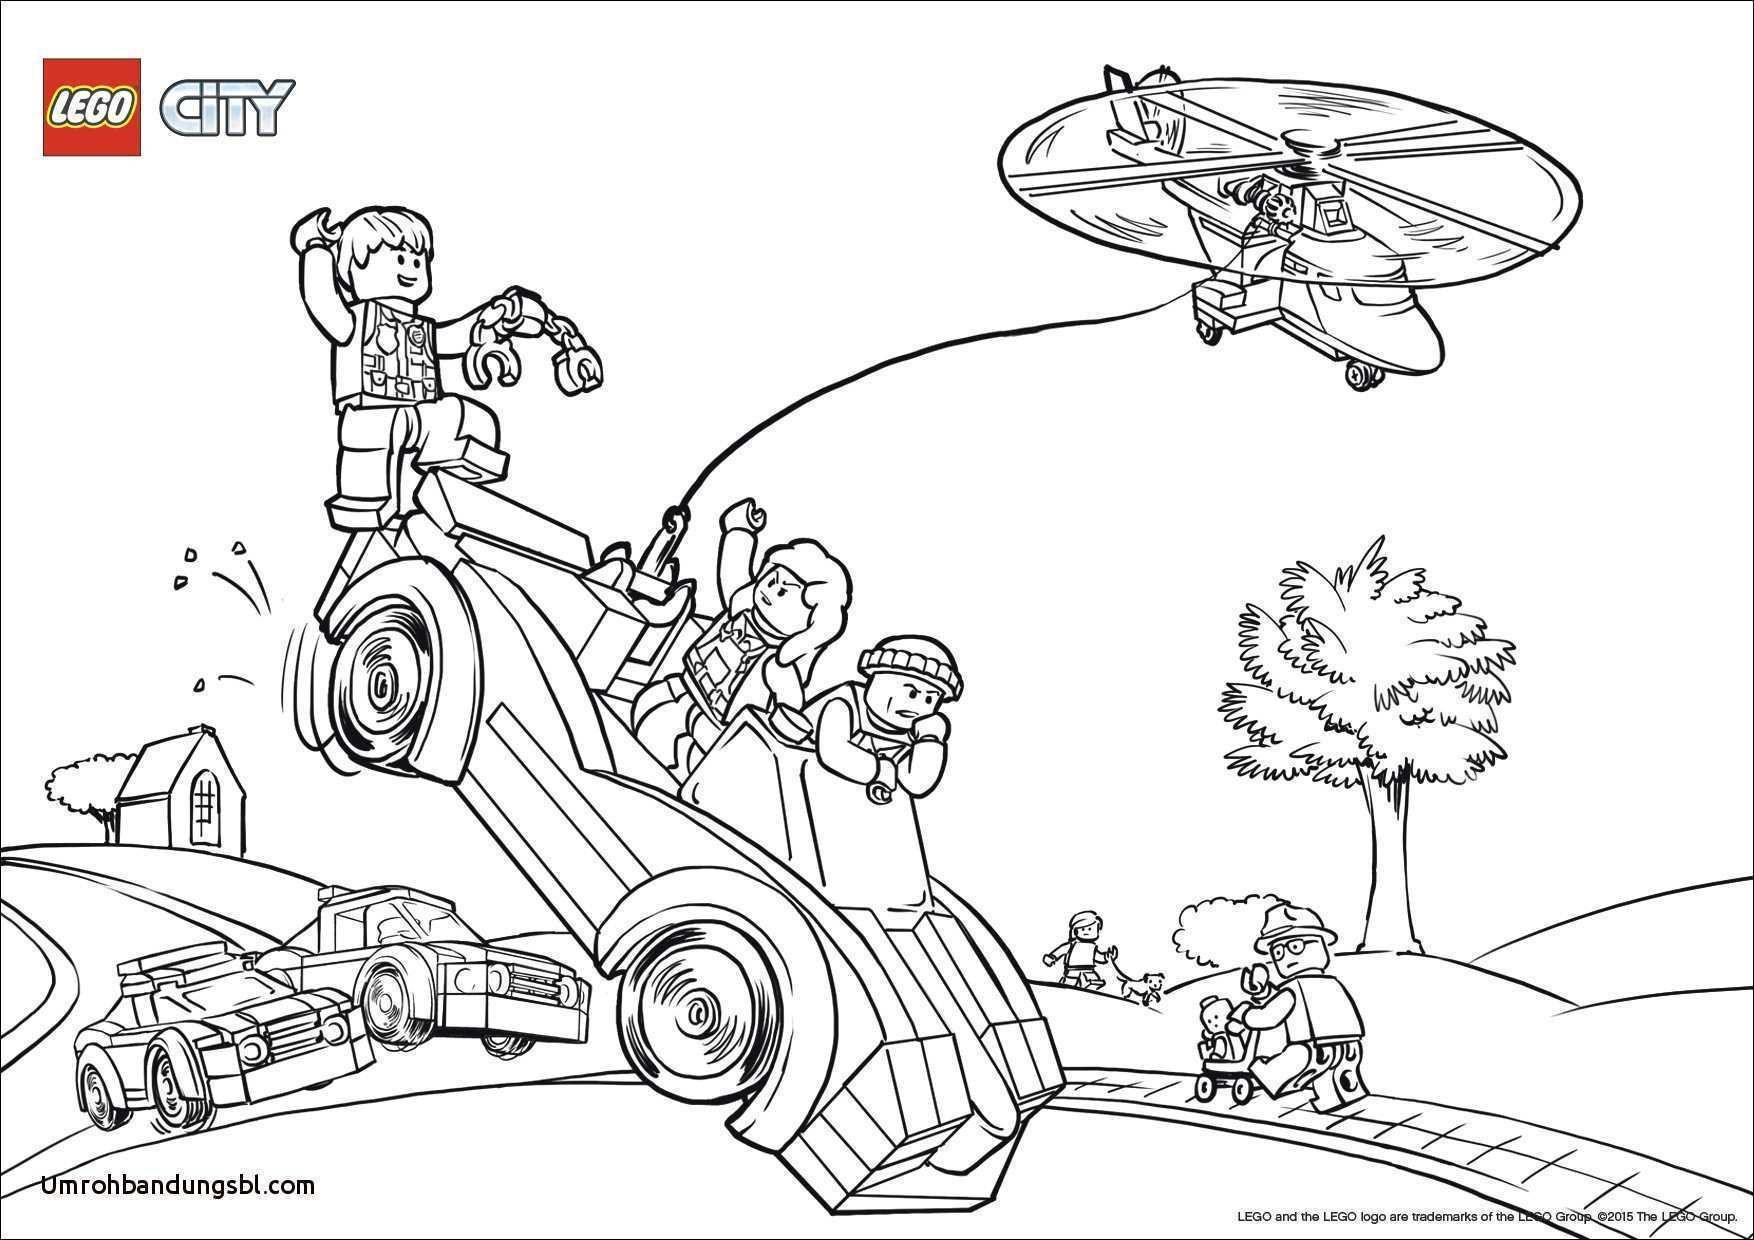 Die Besten Ausmalbilder Lego Polizei - Beste Wohnkultur ...